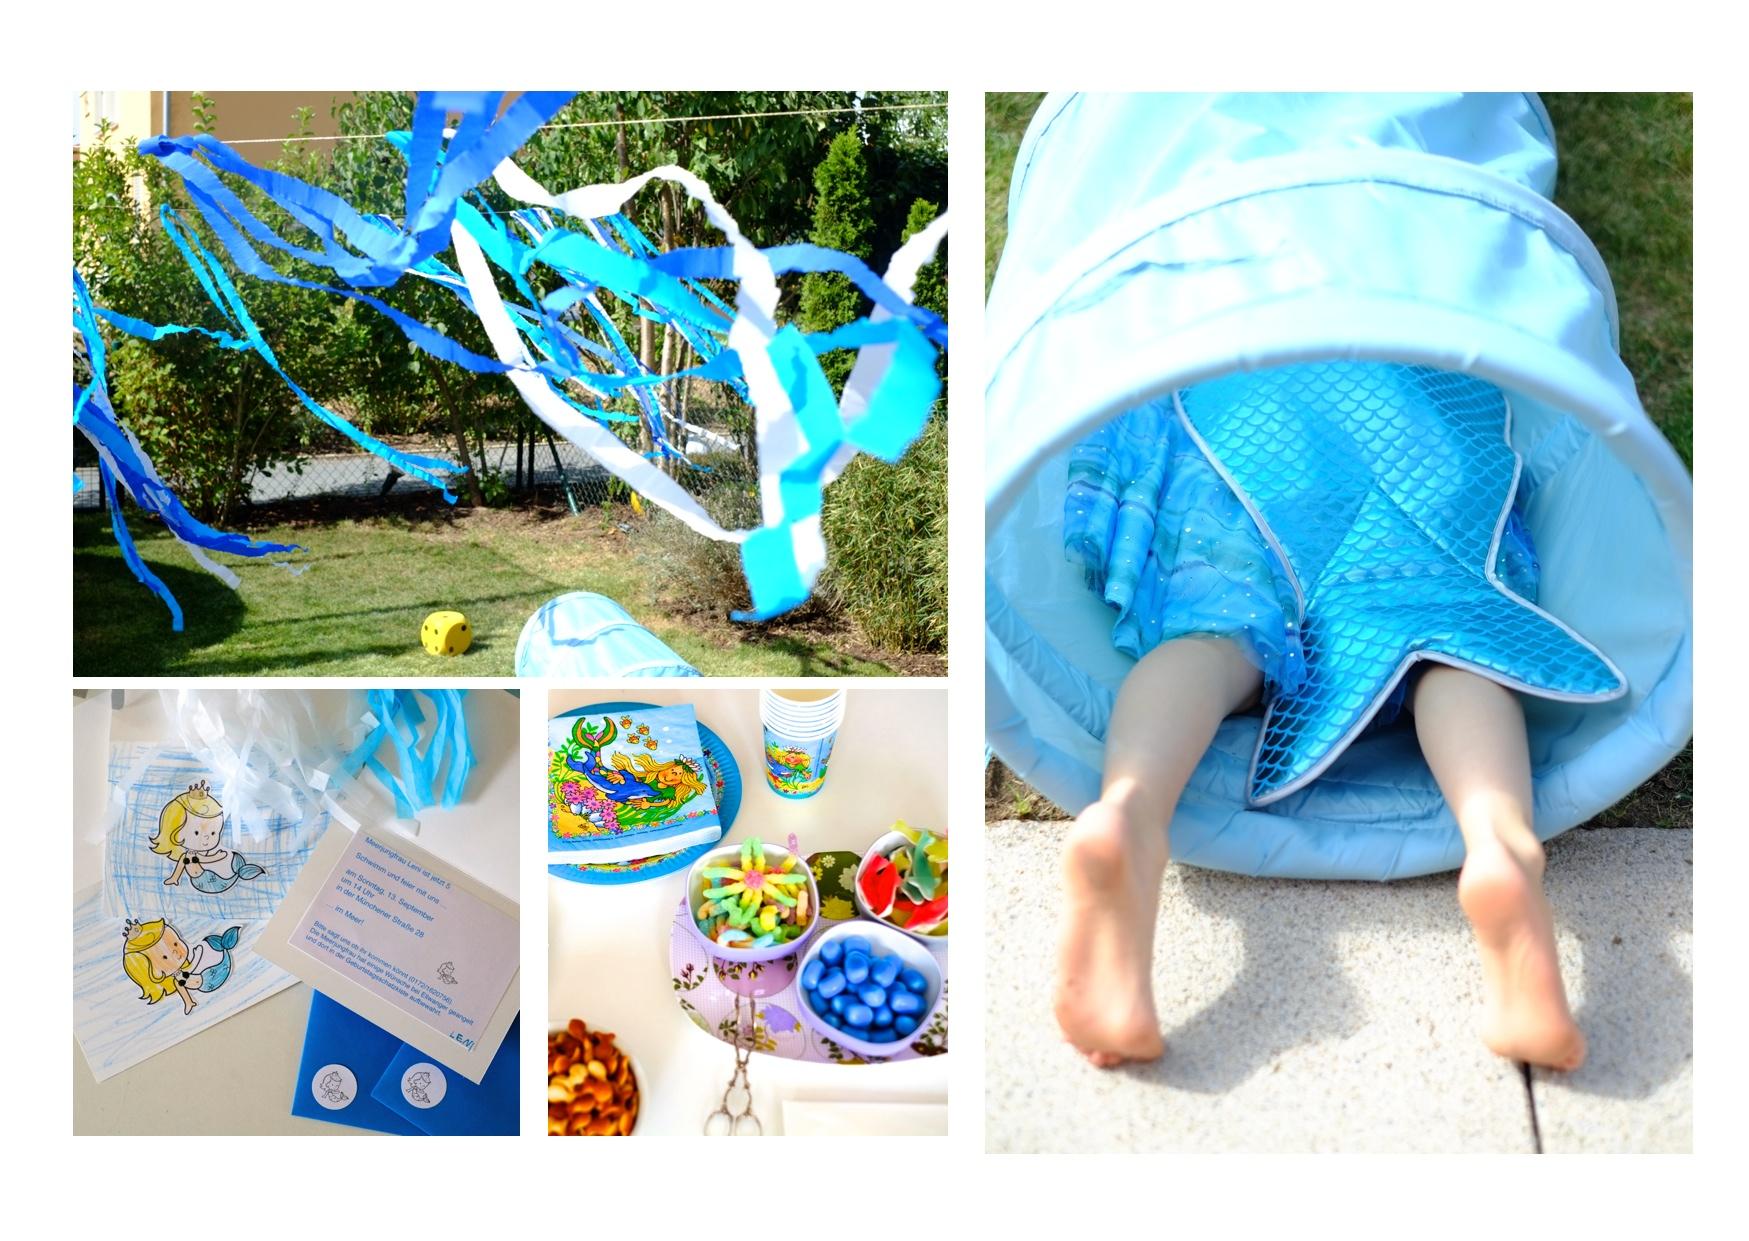 Die Kleine Meerjungfrau Feiert Geburtstag Herr Und Frau Krauss